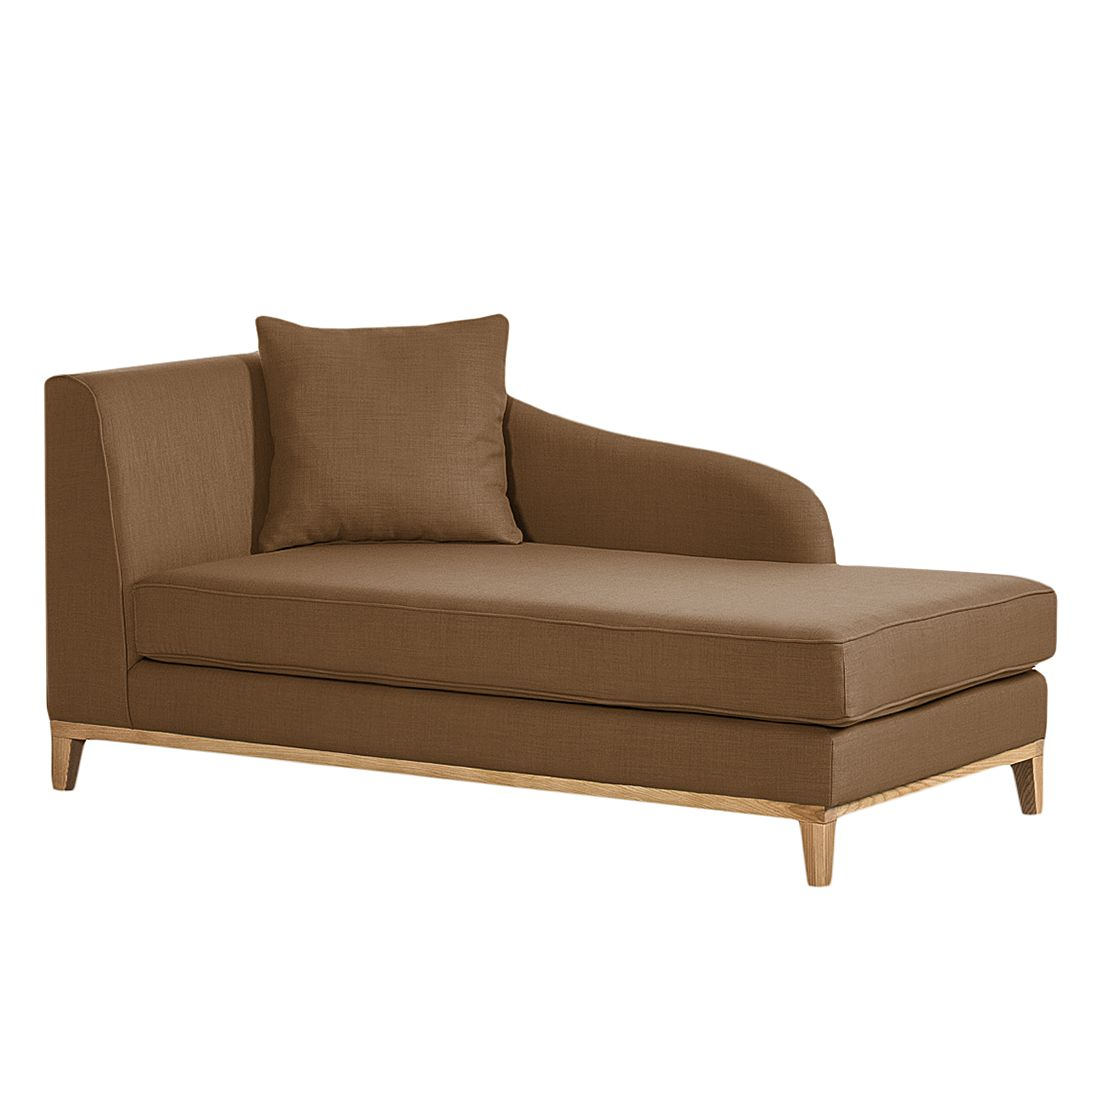 pin k nigstein chic wohnwand mit h ngeschrank nussbaum. Black Bedroom Furniture Sets. Home Design Ideas